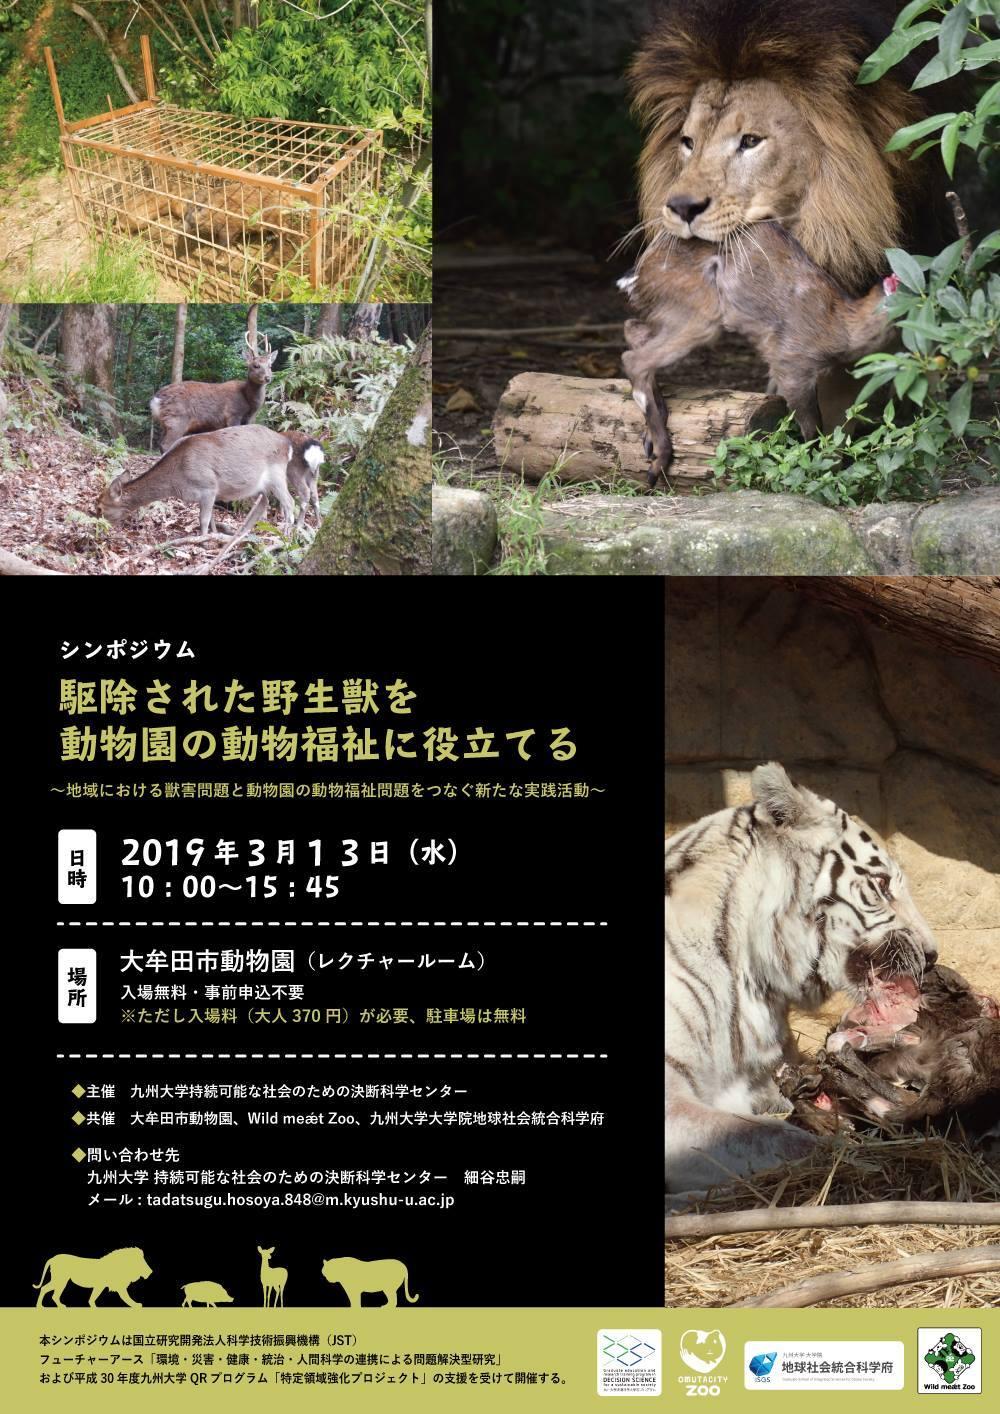 駆除された野生動物と動物園の動物たちについて考えるシンポジウム_c0290504_17113846.jpg